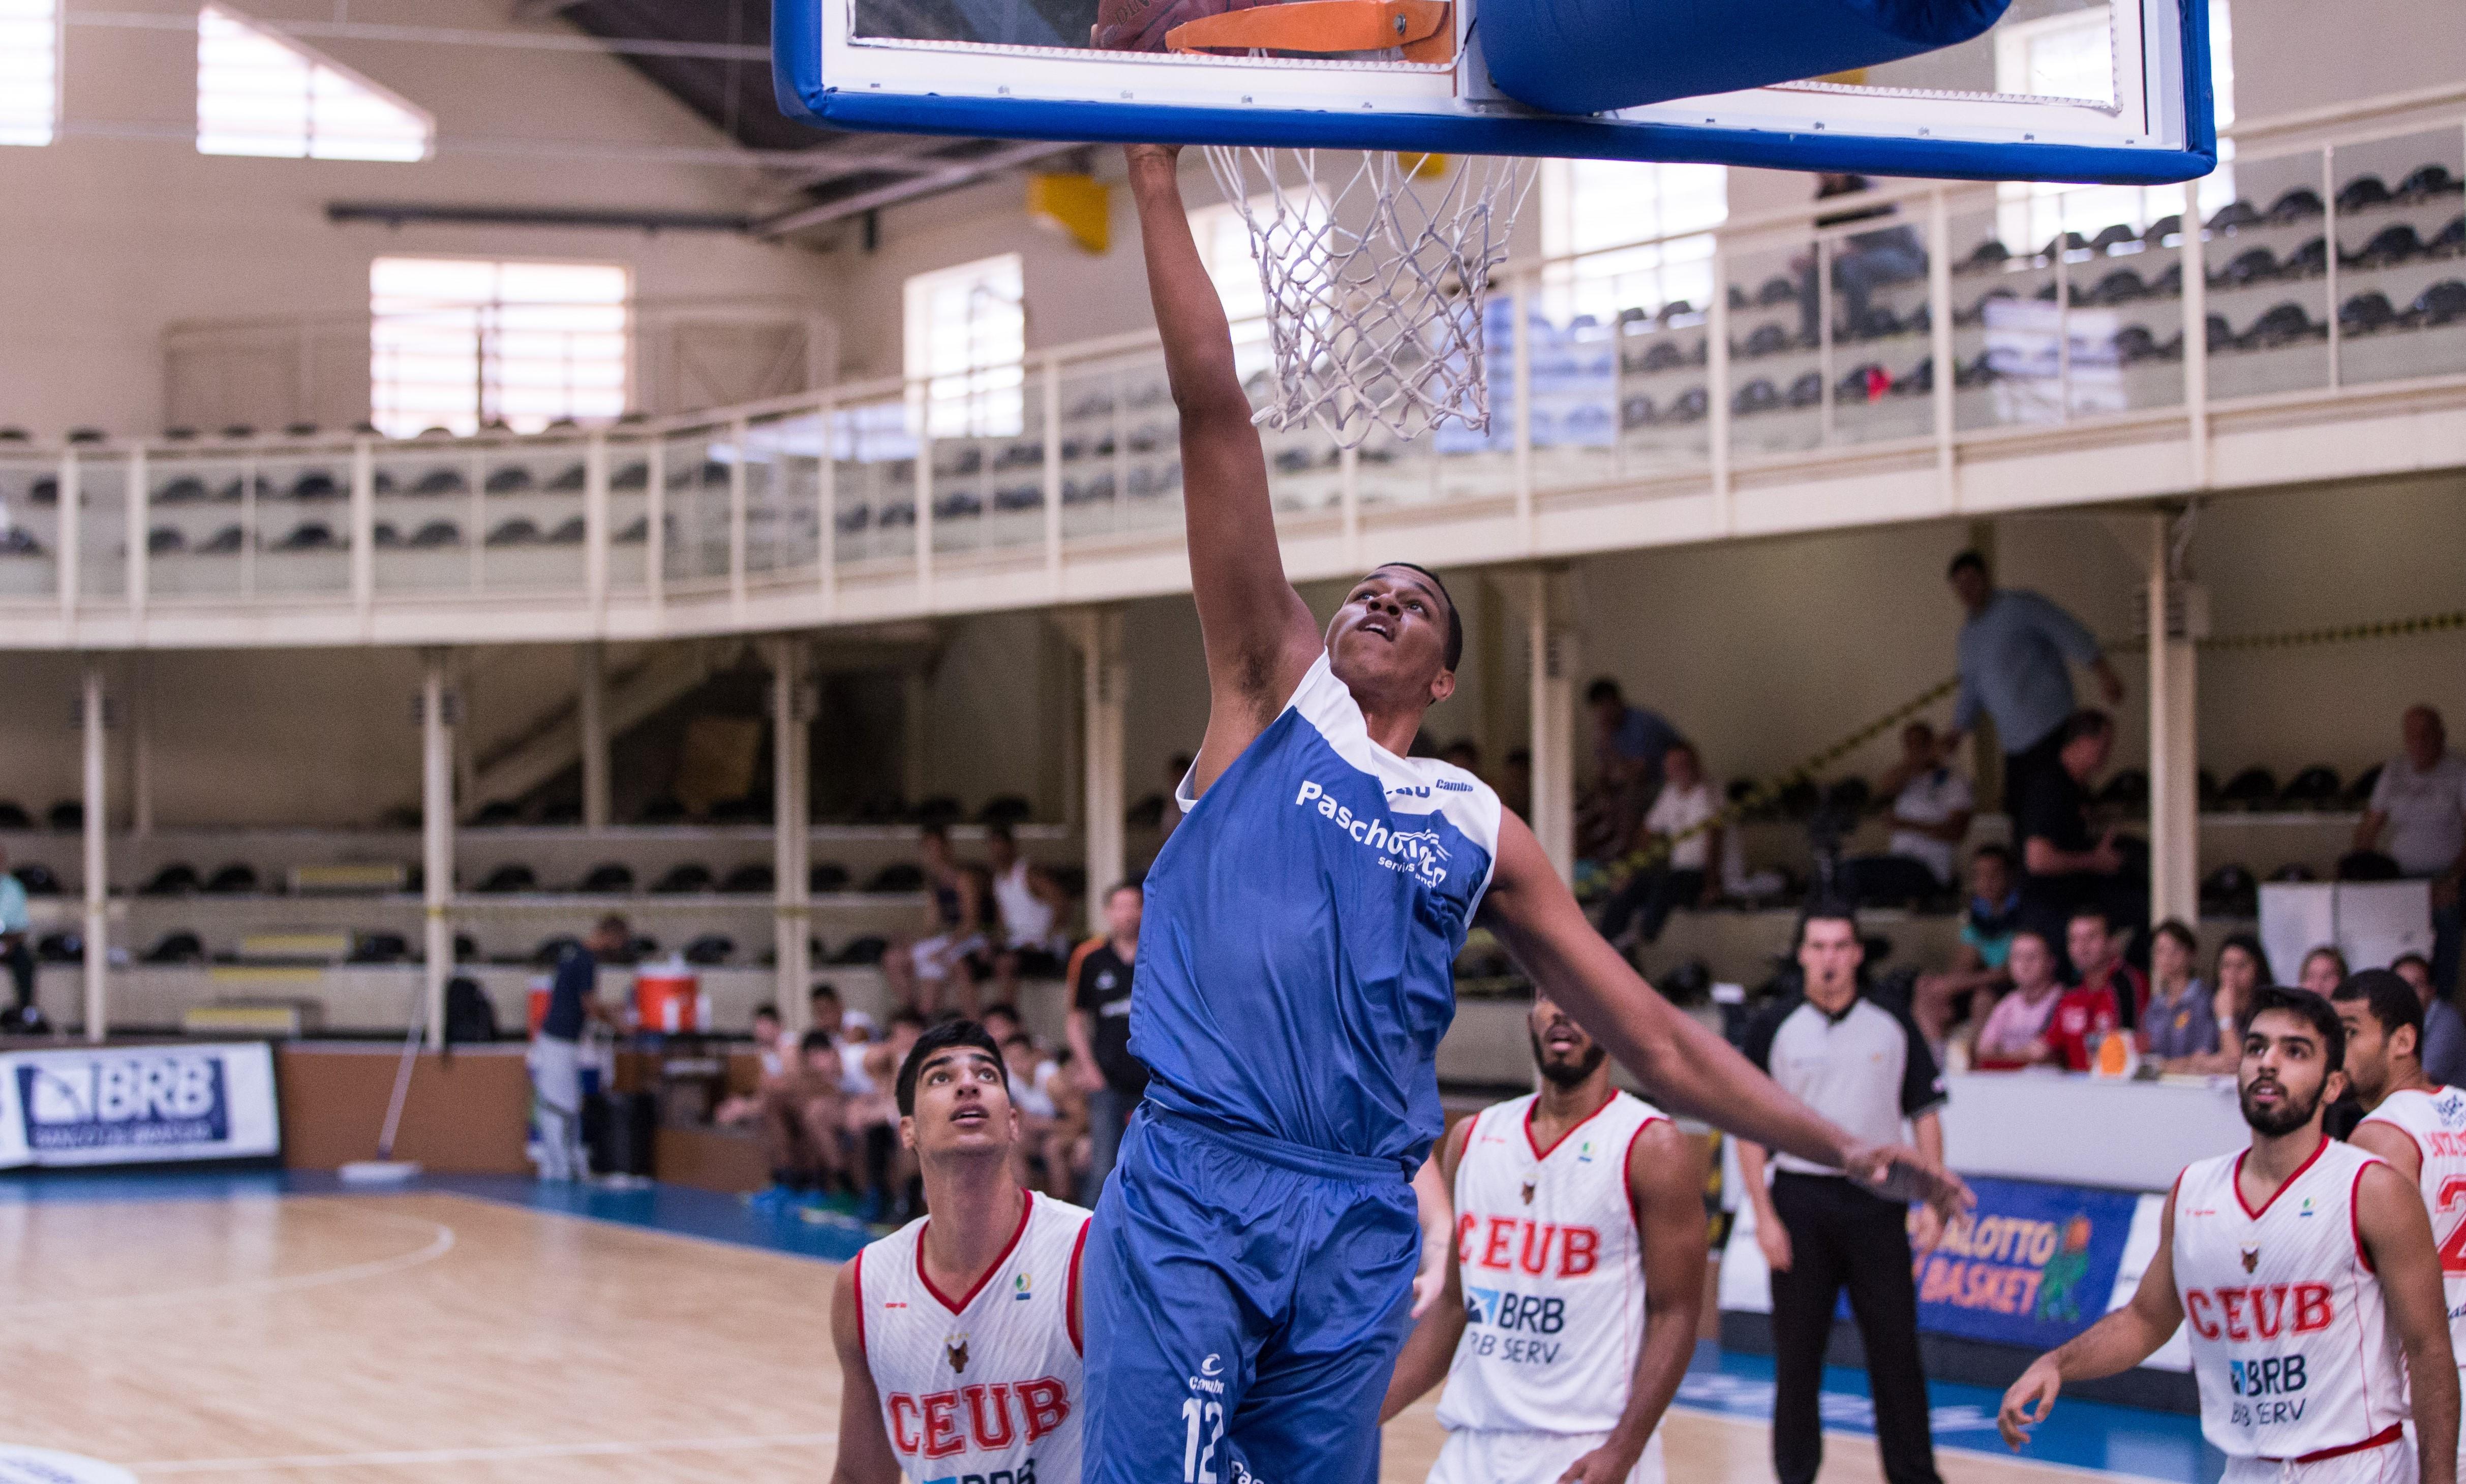 Com atuação decisiva de Wesley Sena, Bauru virou pra cima do Brasília e fechou a 2ª etapa invicto nas partidas em casa (Caio Casagrande/Bauru Basket)